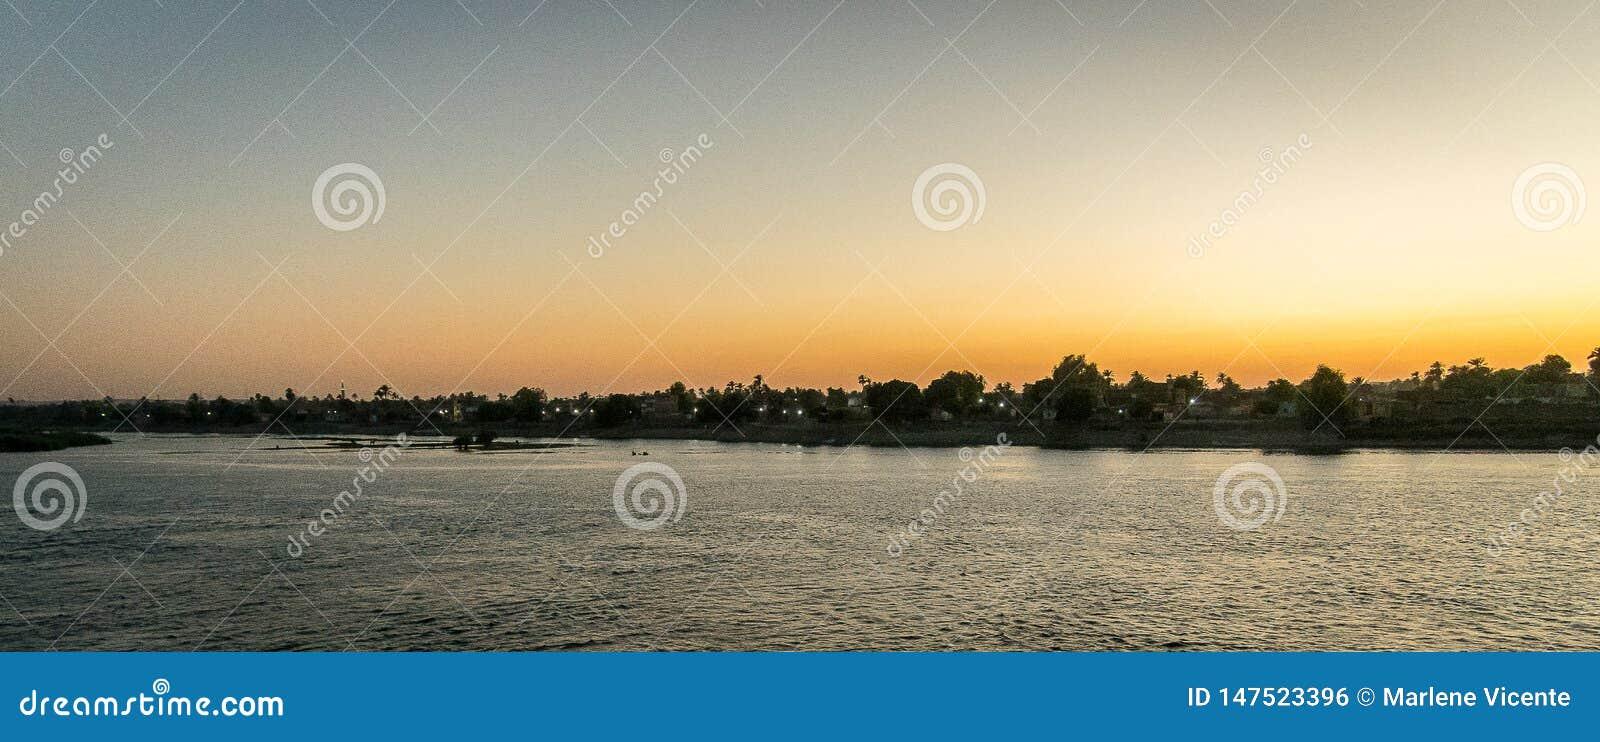 Panorama- av en solnedgång på Nilen egypt